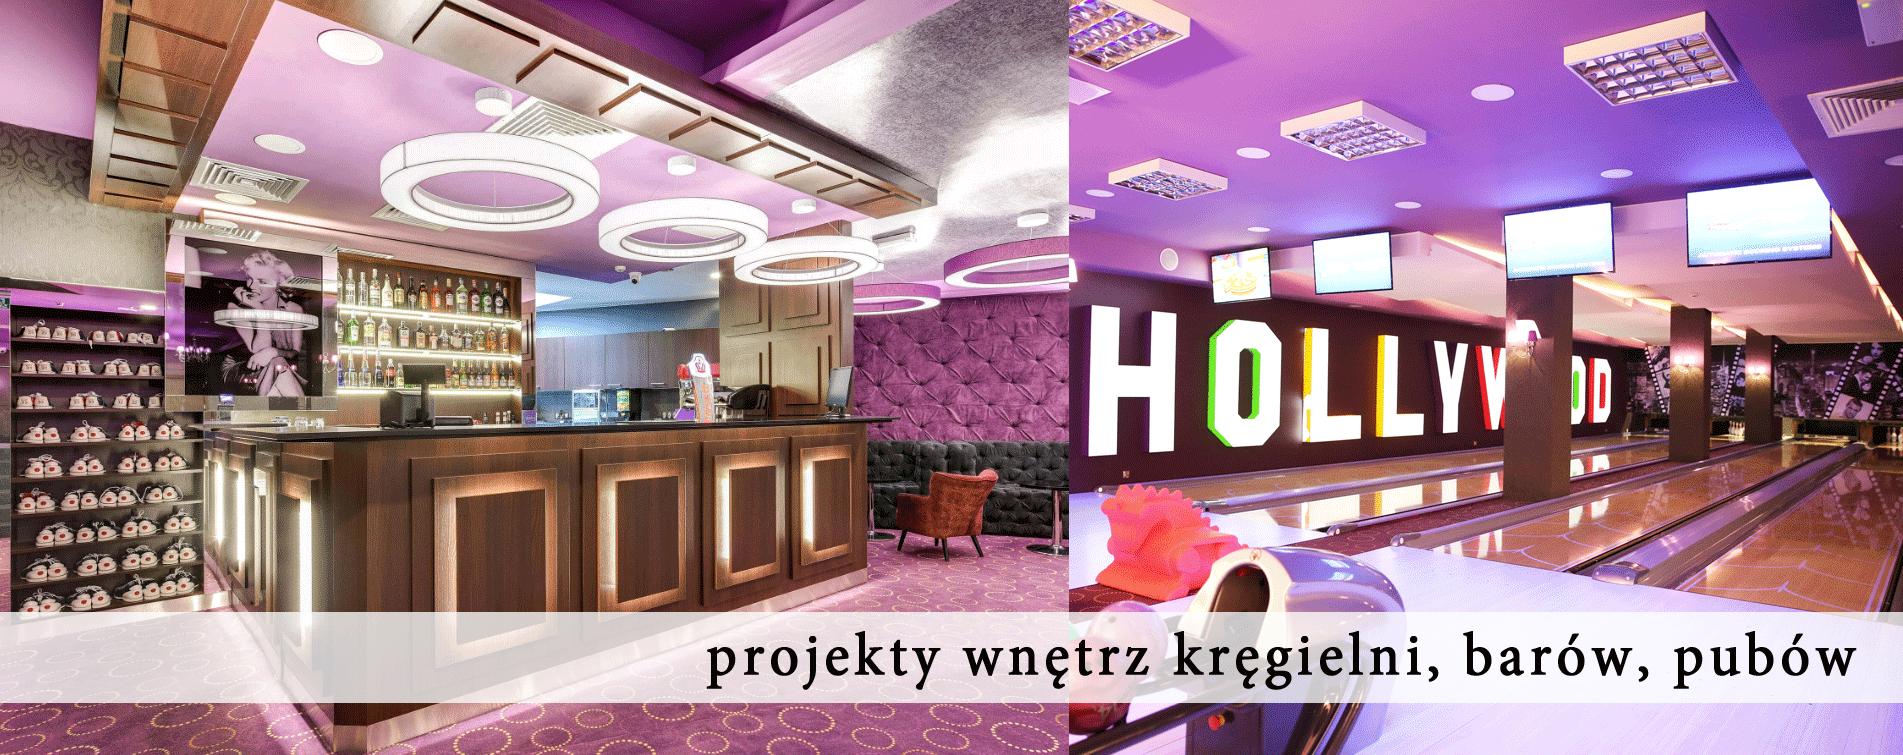 projekty_wnetrz_kregielni2_jojo_design_k